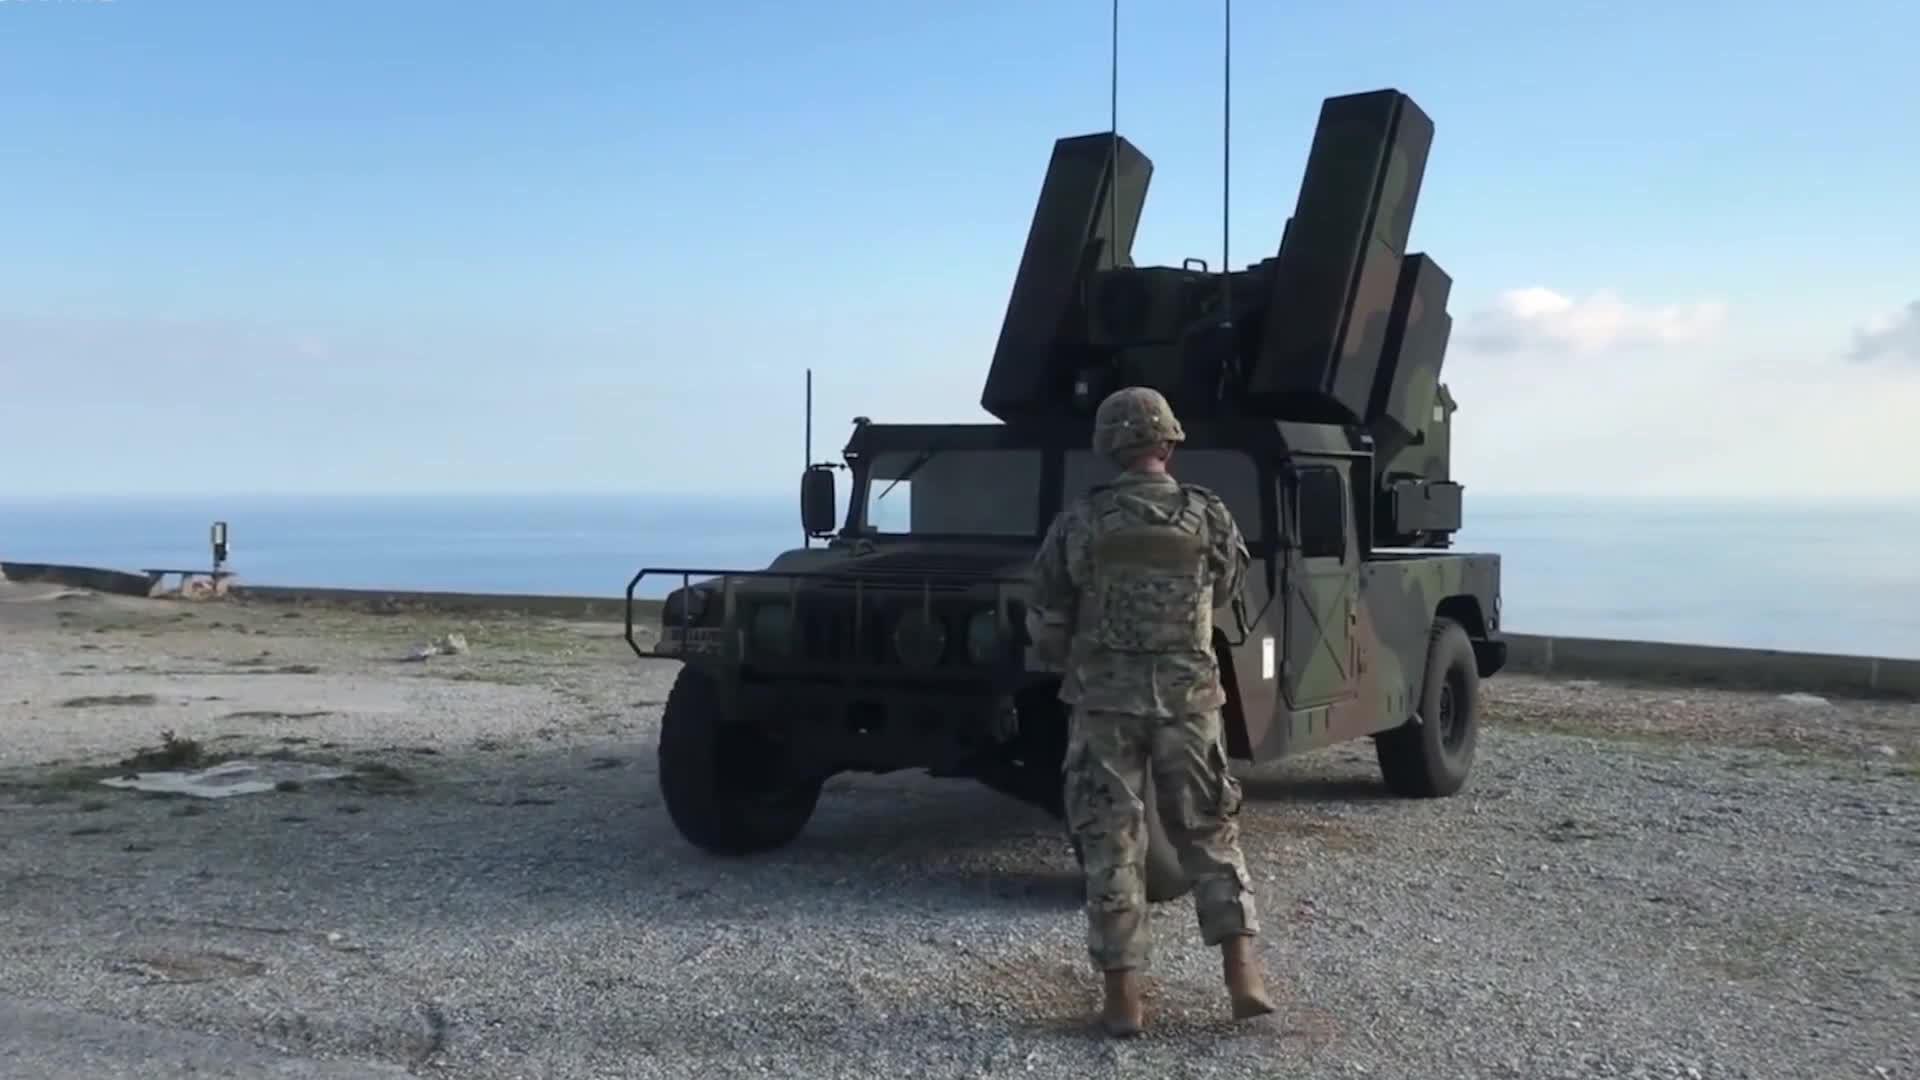 轻型车载复仇者导弹系统,发射美国近程防空导弹-毒刺